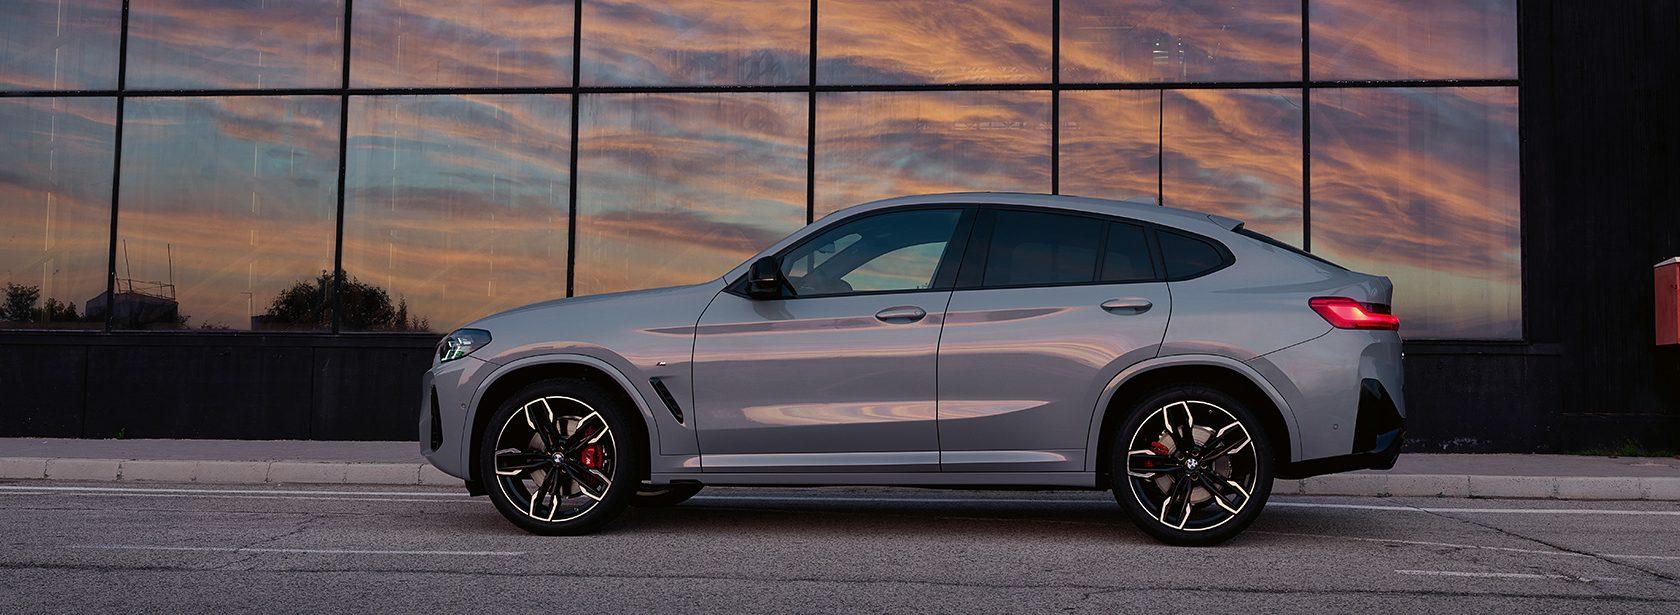 BMW X4 G02 Brooklyn Grau Seitenansicht 2021